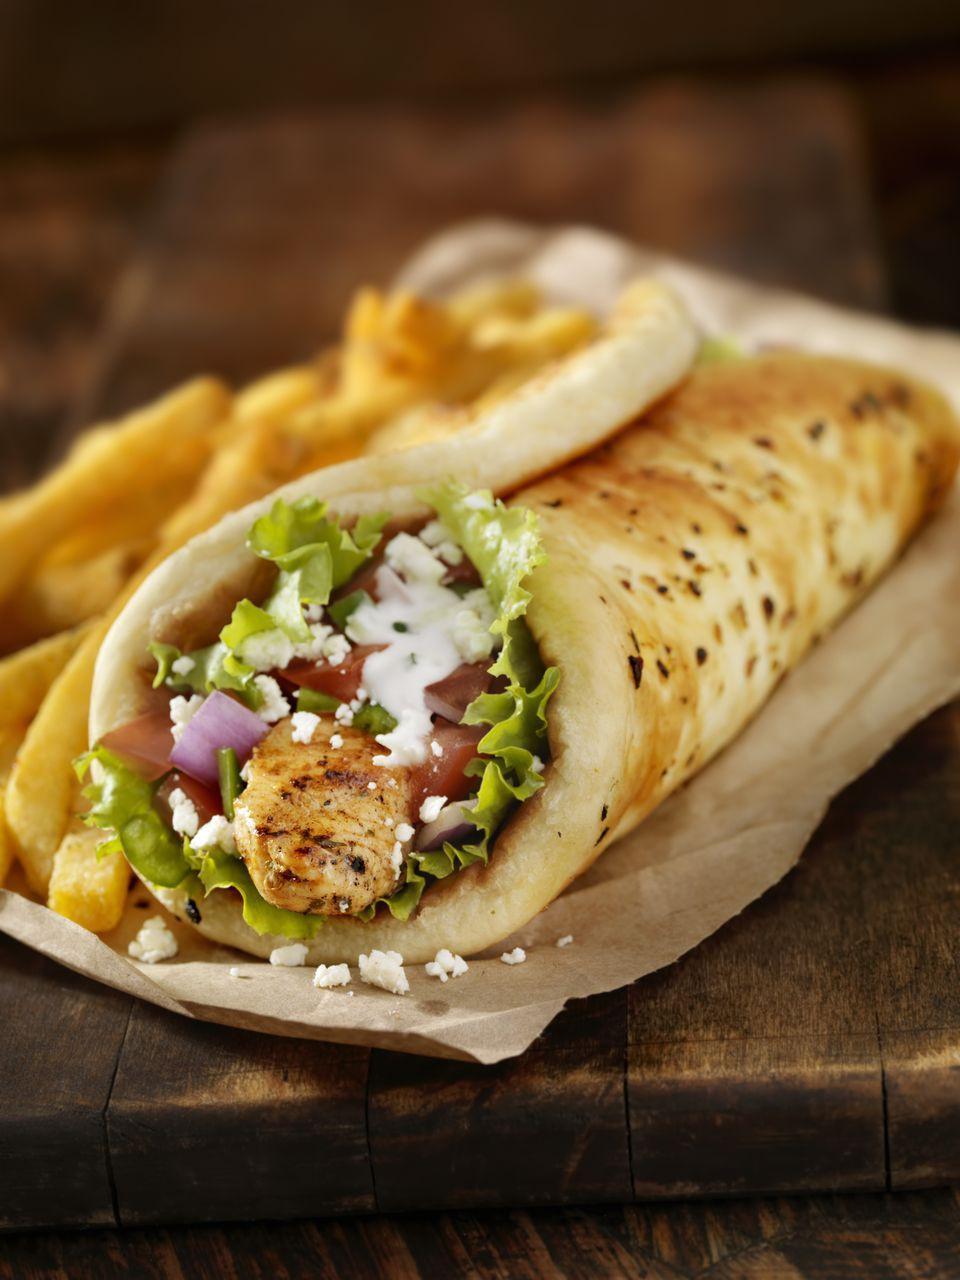 Báo chí nước ngoài ngợi khen bánh mì Việt Nam, xếp hạng trong top 10 món sandwich ngon nhất thế giới - Ảnh 10.